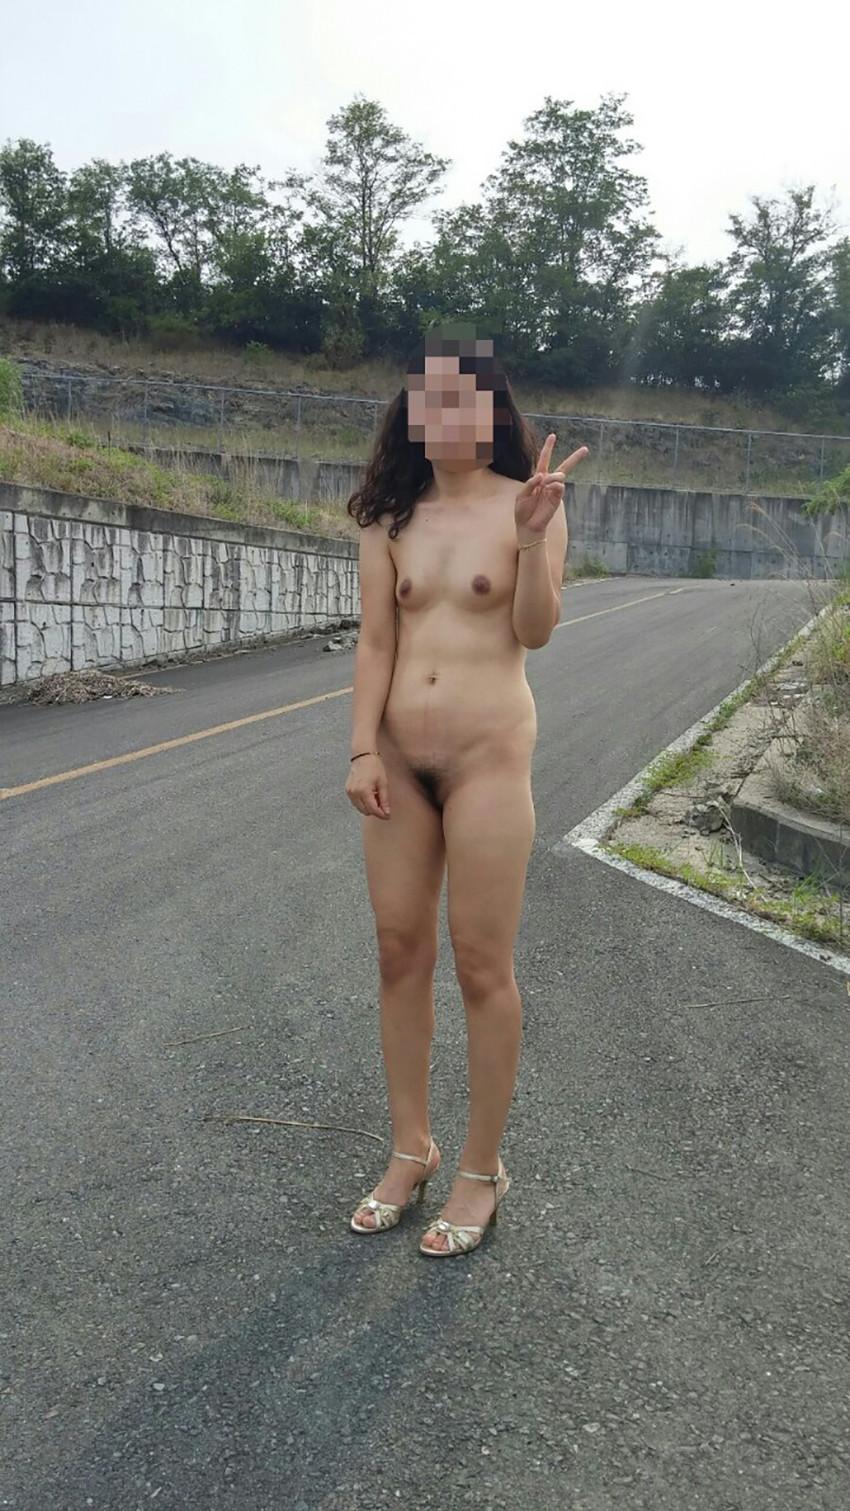 【野外露出エロ画像】屋外で大胆に着衣を脱ぎさる素人娘たちが過激すぎるwww 33